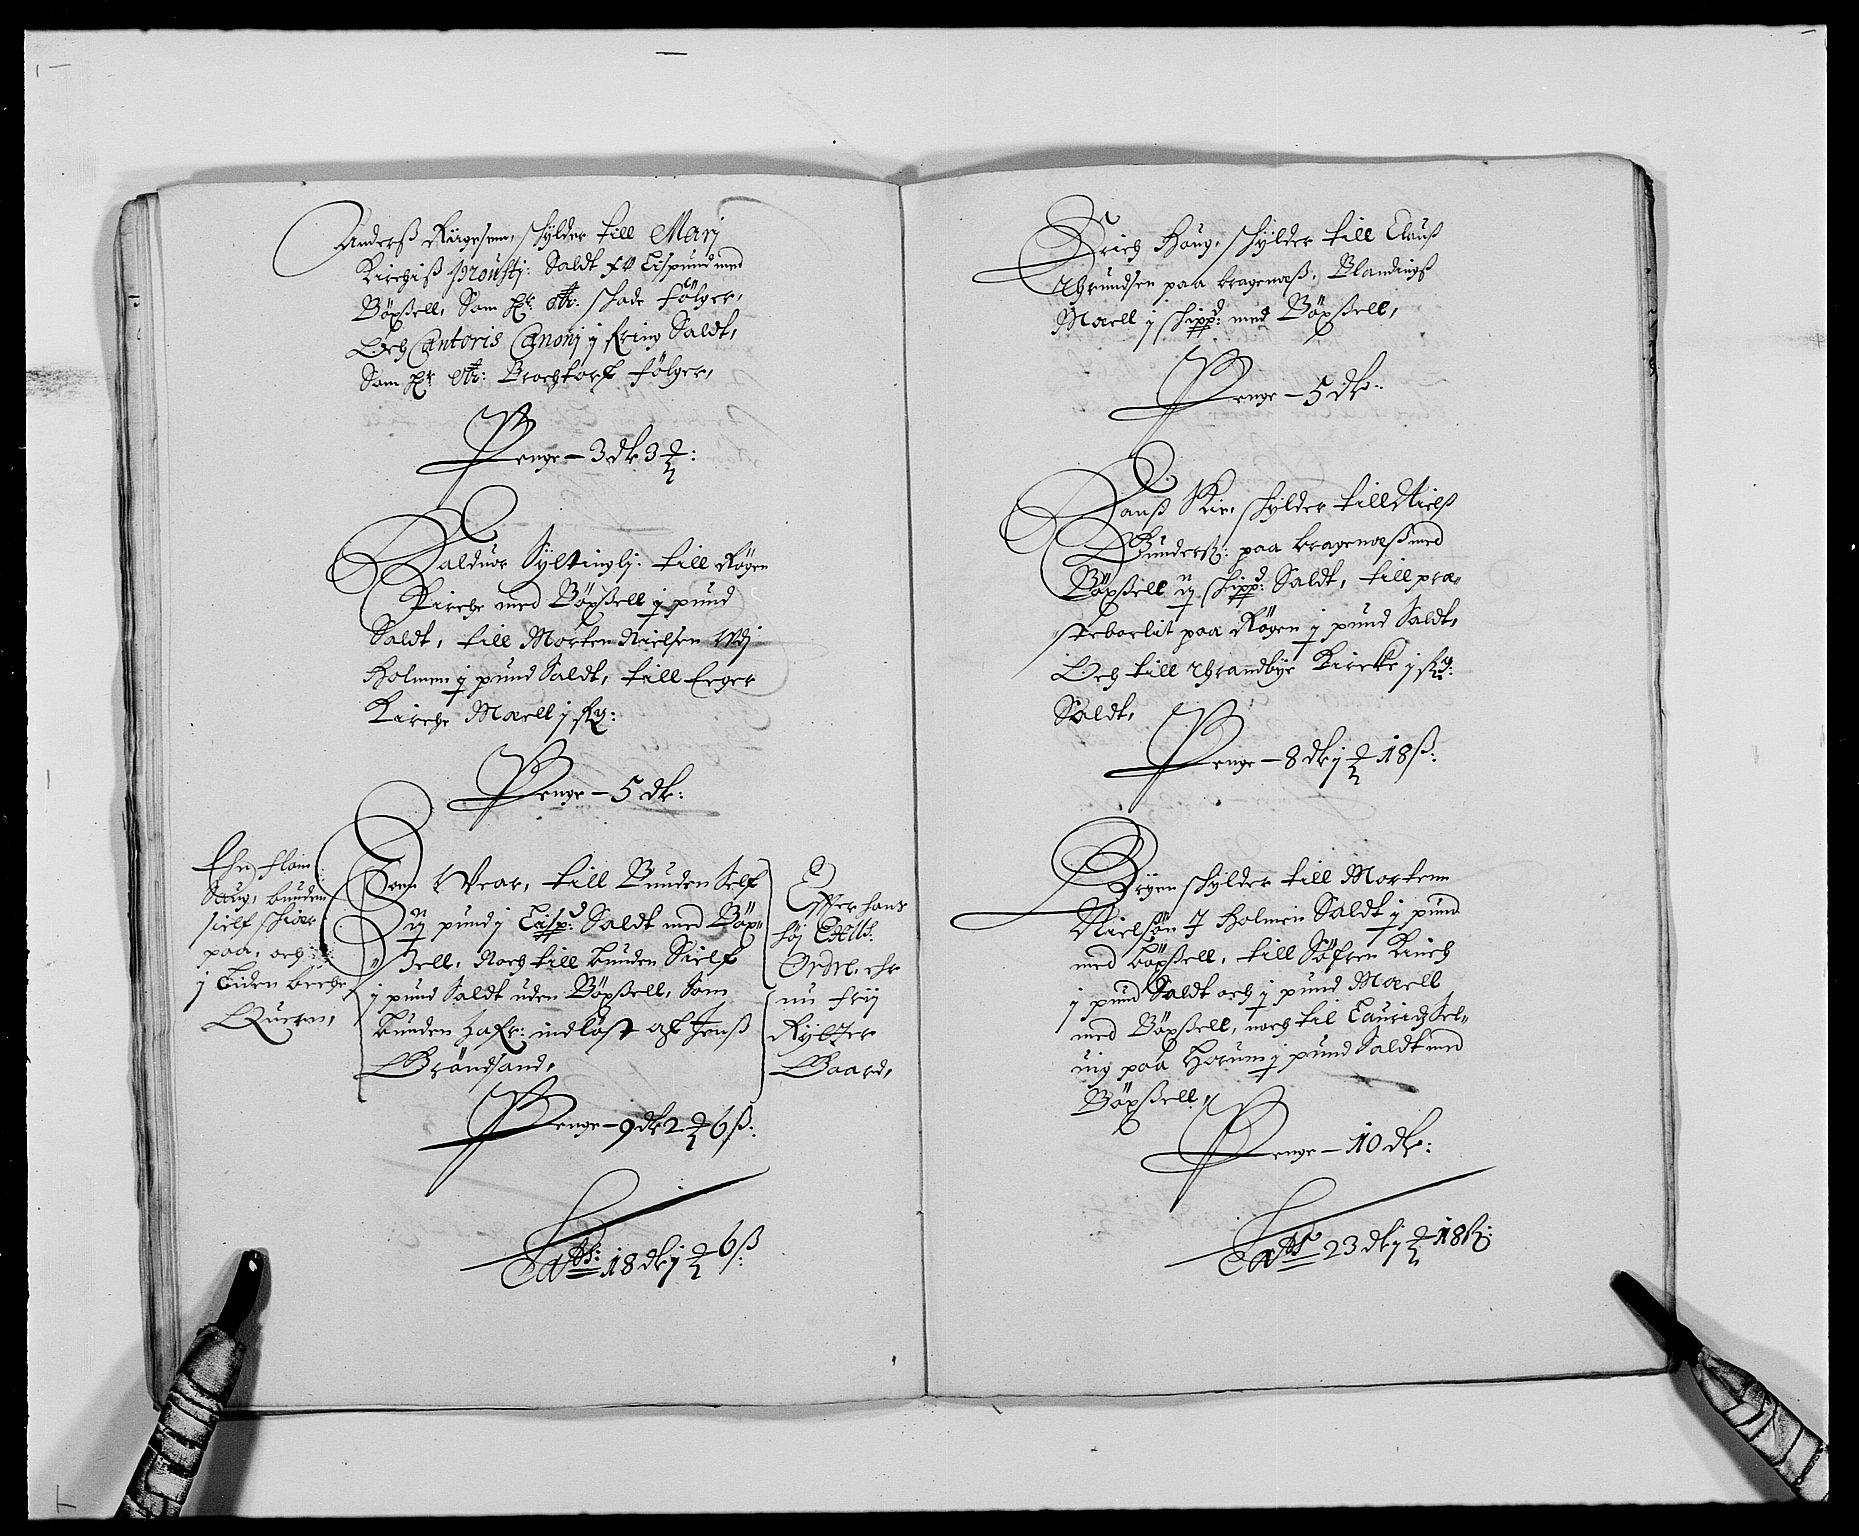 RA, Rentekammeret inntil 1814, Reviderte regnskaper, Fogderegnskap, R29/L1691: Fogderegnskap Hurum og Røyken, 1678-1681, s. 163